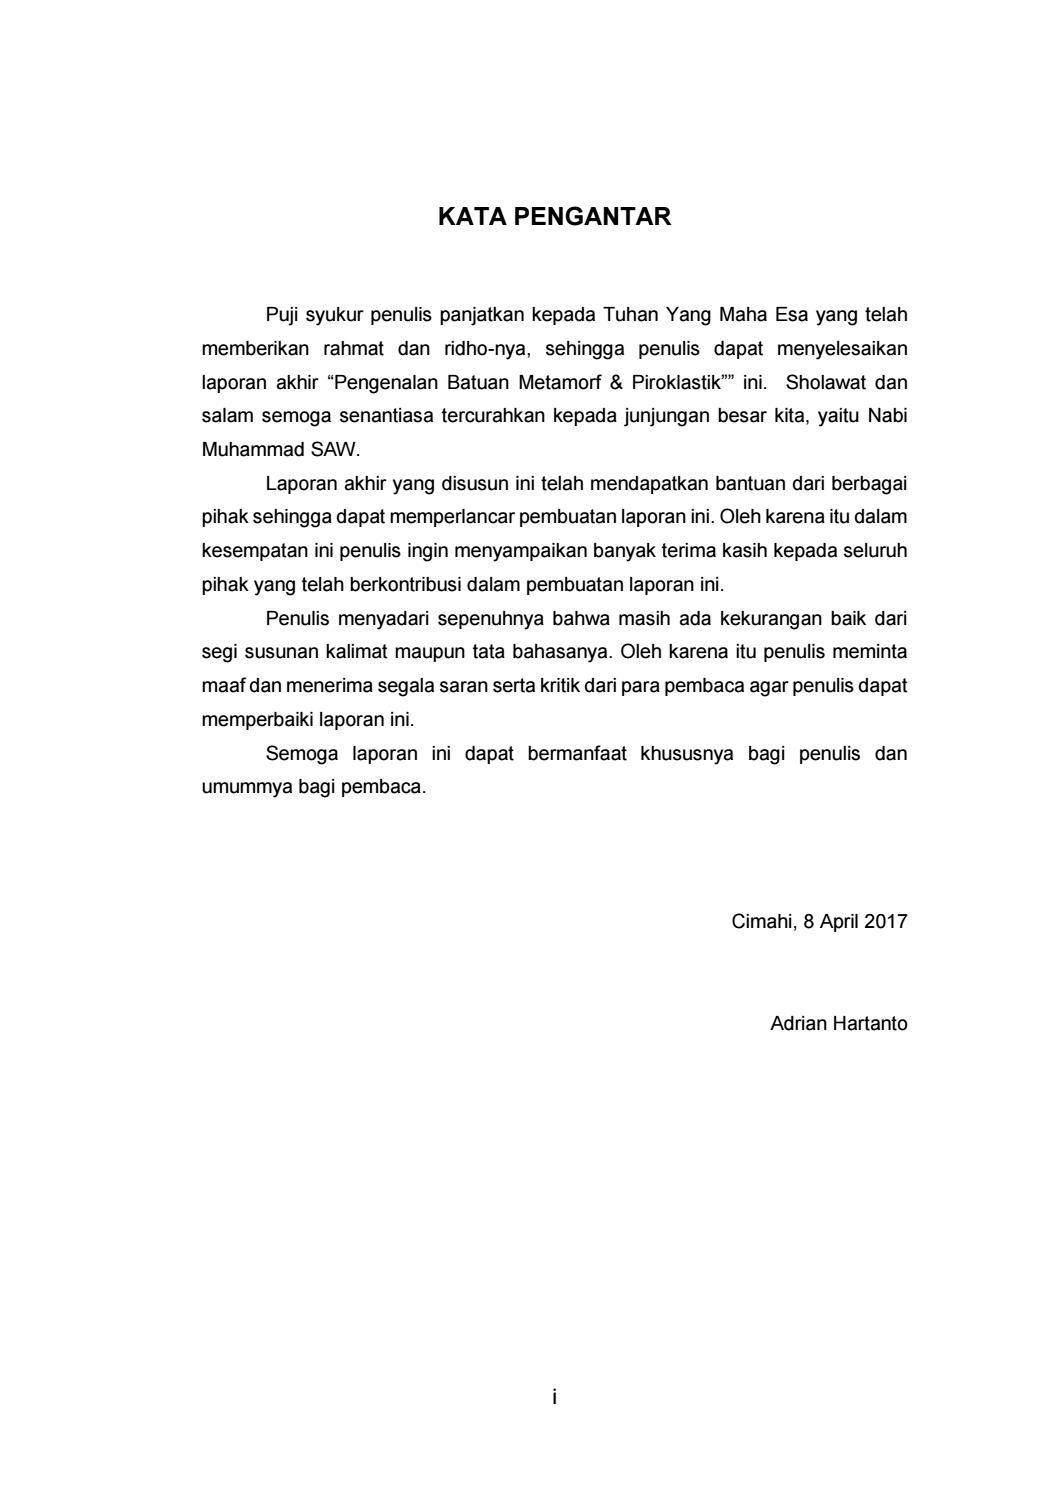 Laporan geo 6 by Adrian Hartanto - issuu